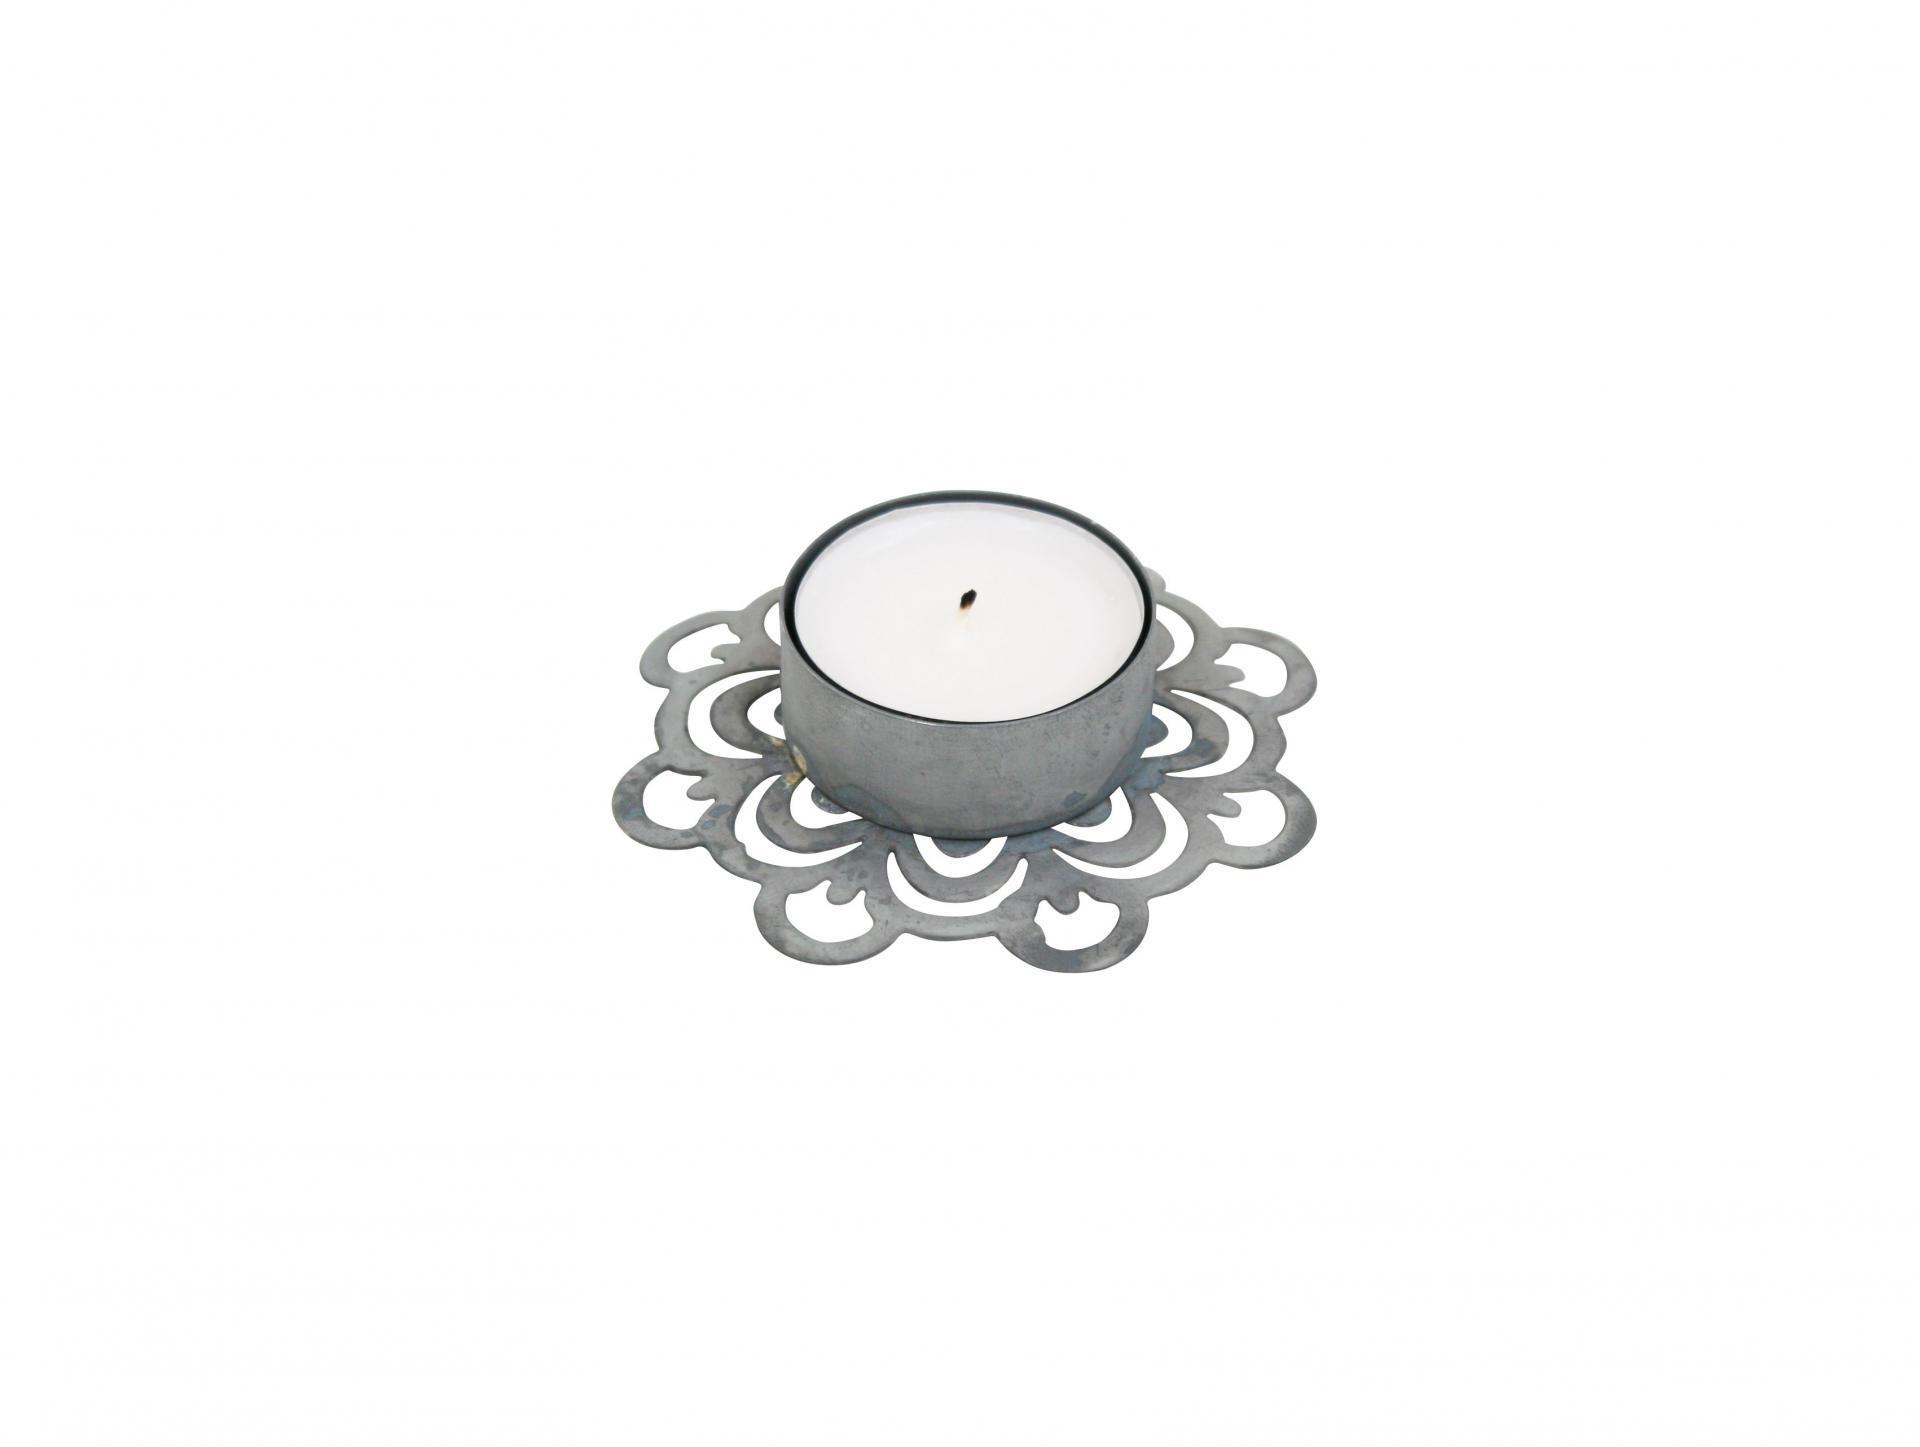 Krasilnikoff Zinkový svícínek Deco Zinc, šedá barva, zinek